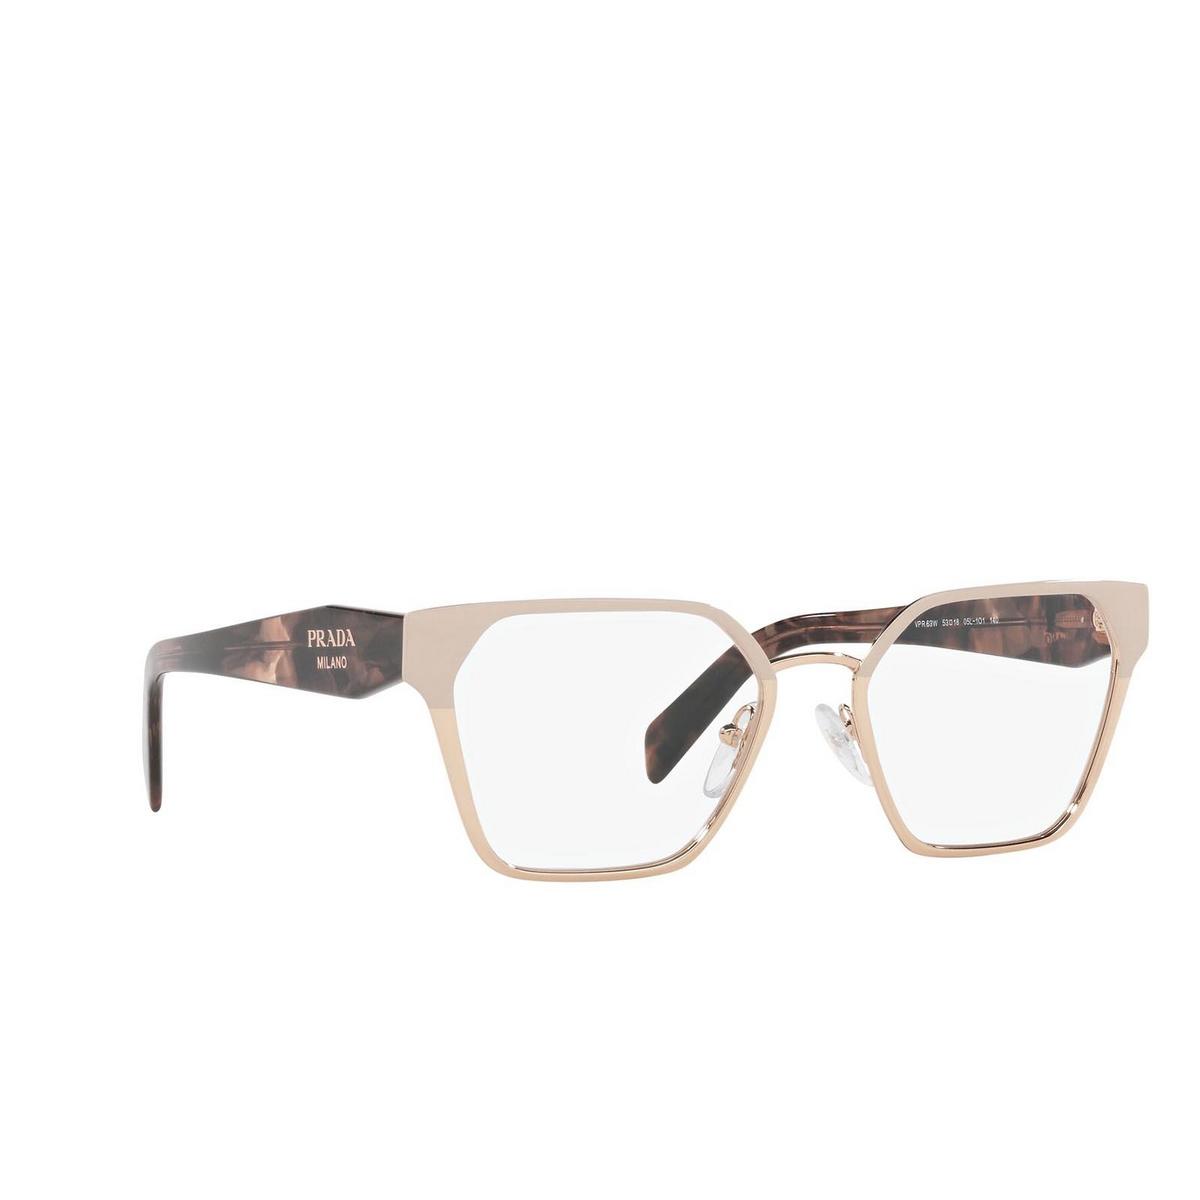 Prada® Irregular Eyeglasses: PR 63WV color Powder/ Pink Gold 05L1O1 - three-quarters view.